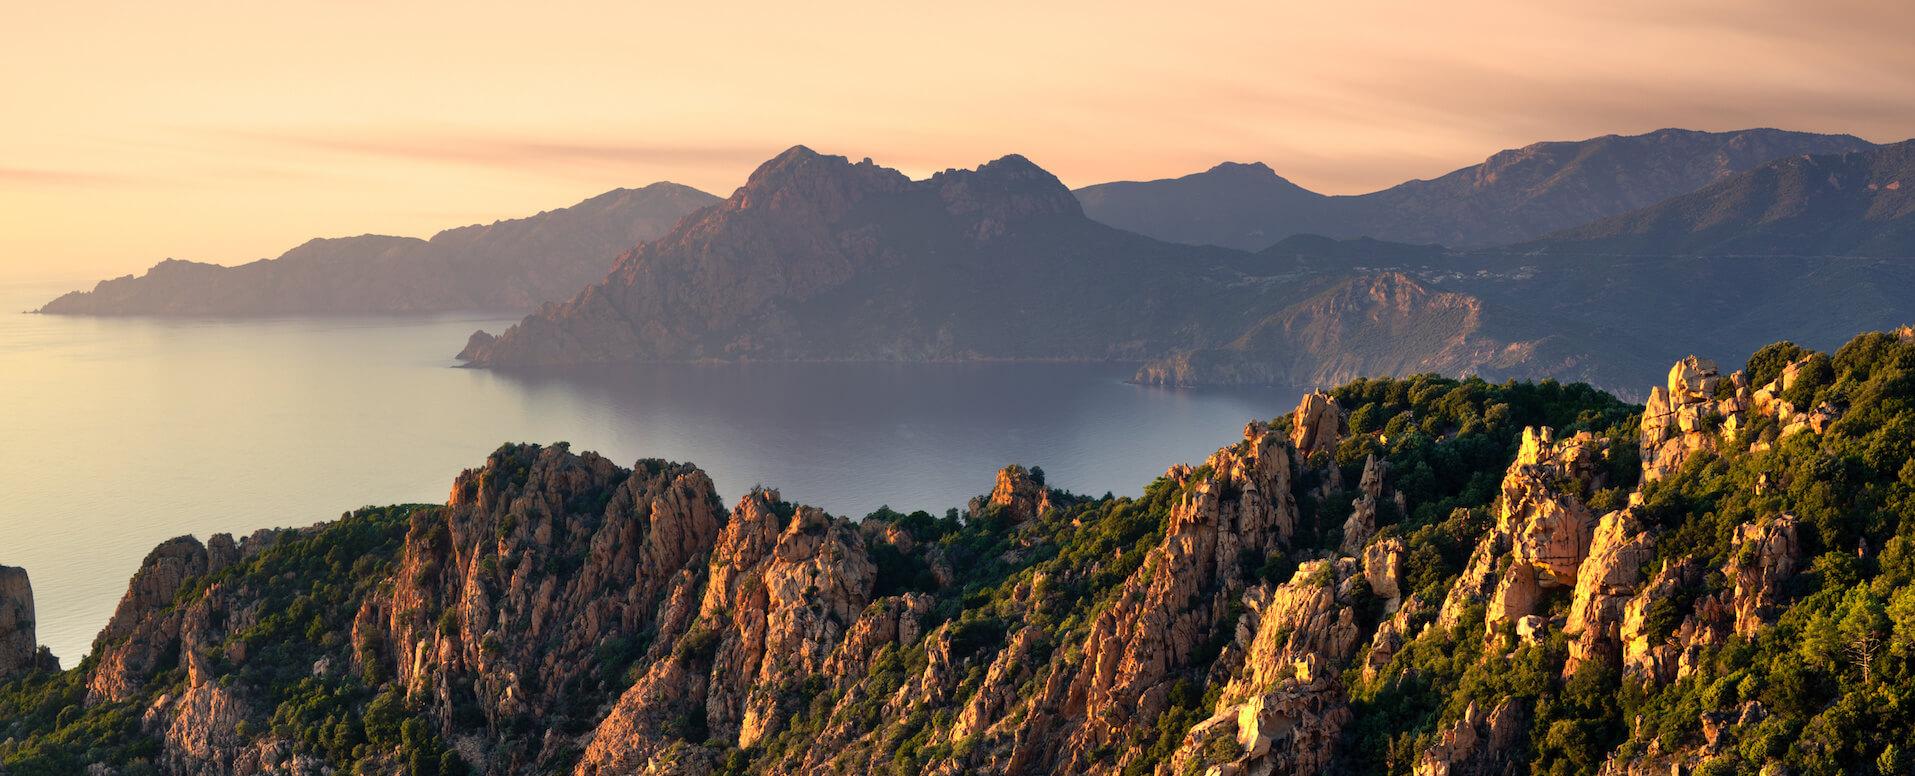 Les expressions utiles pour un séjour en Corse - Corse